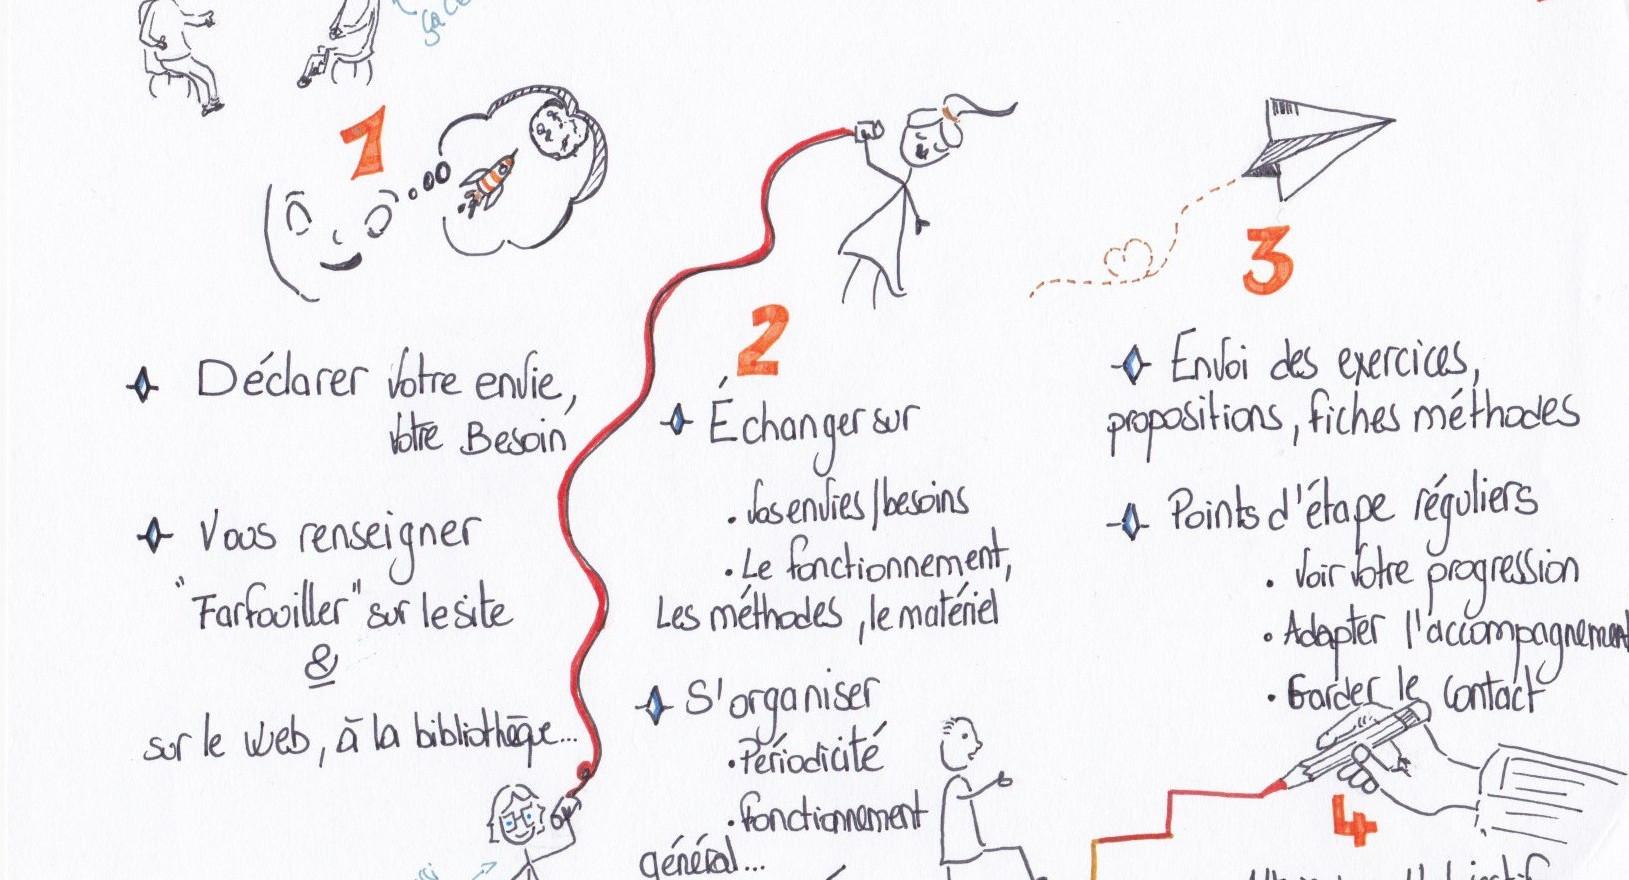 Les étapes pour commencer un accompagnement par le dessin- DrawthelightFacilitation-Gaëtane Perrault